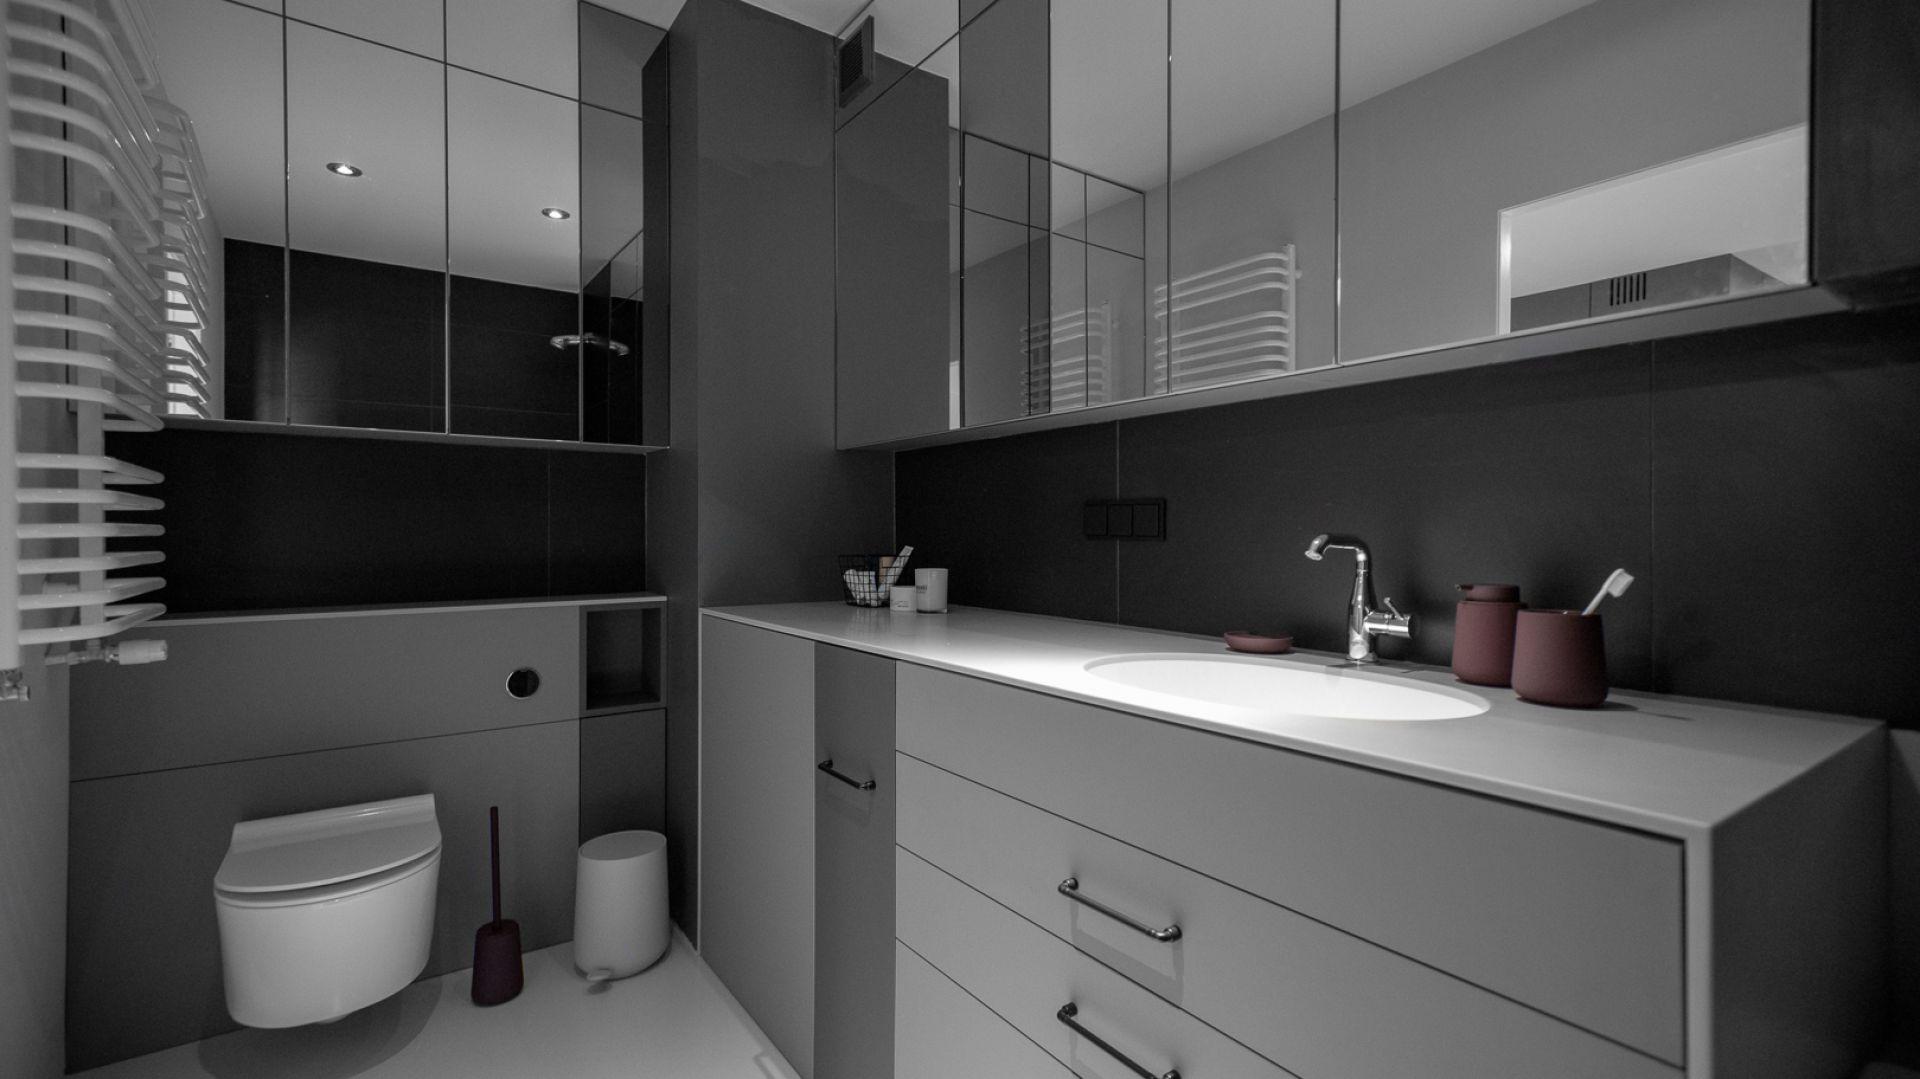 W łazience została zastosowana podobna koncepcja meblowa co w kuchni. Projekt: Kasia Orwat. Fot. Dekorian Home